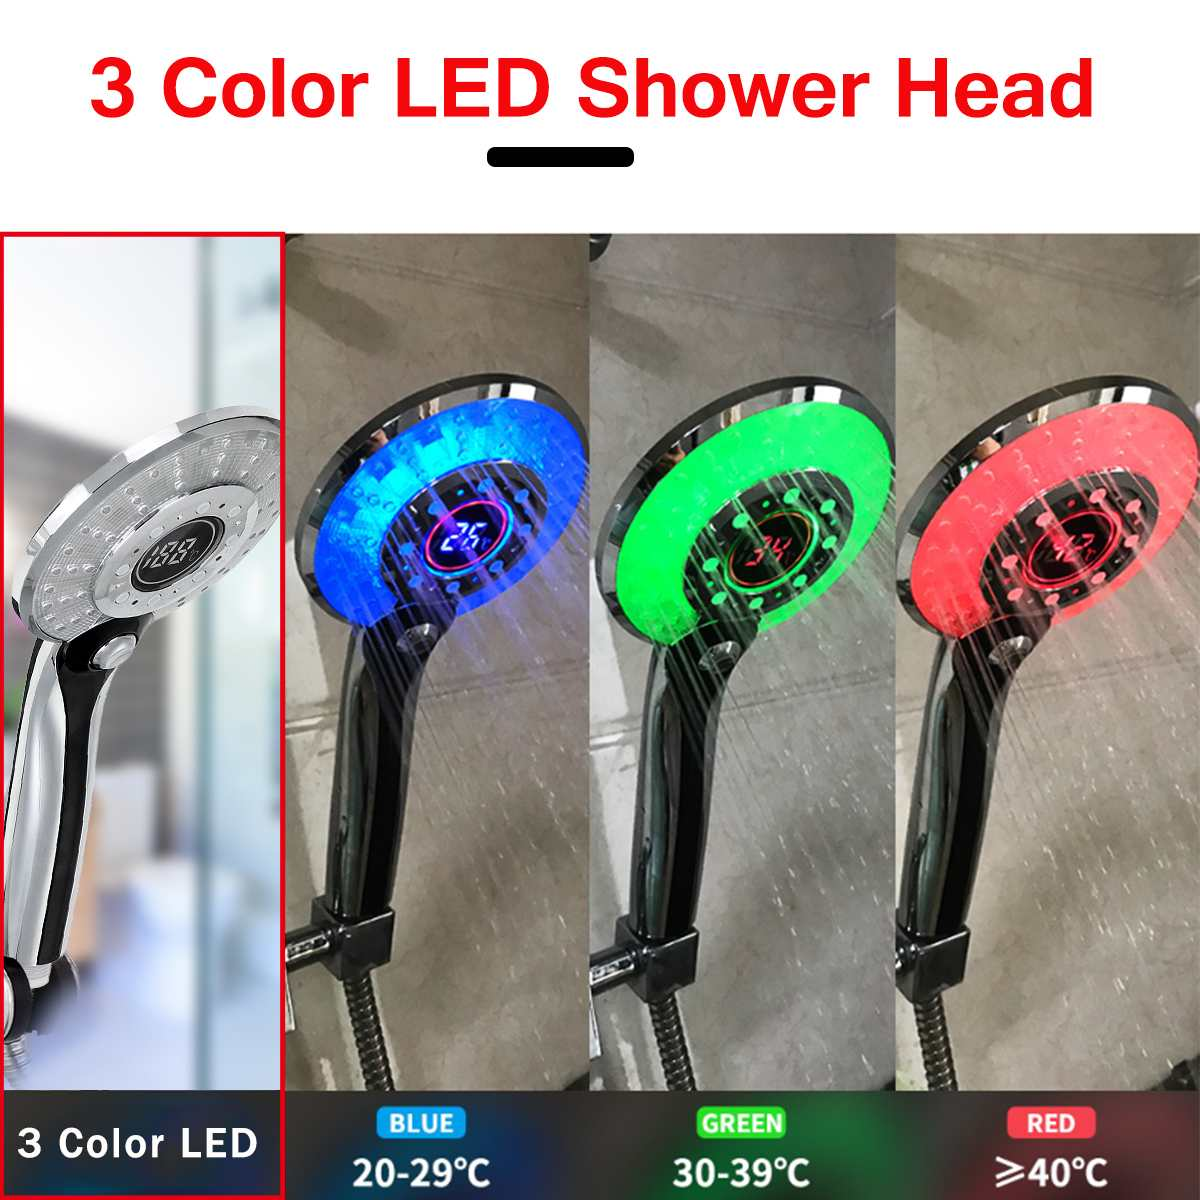 Цифровой ЖК-дисплей, регулируемый 3 режима, 3 цвета, светодиодный светильник с плакировкой, насадка для душа, датчик температуры, ванна, сприн...